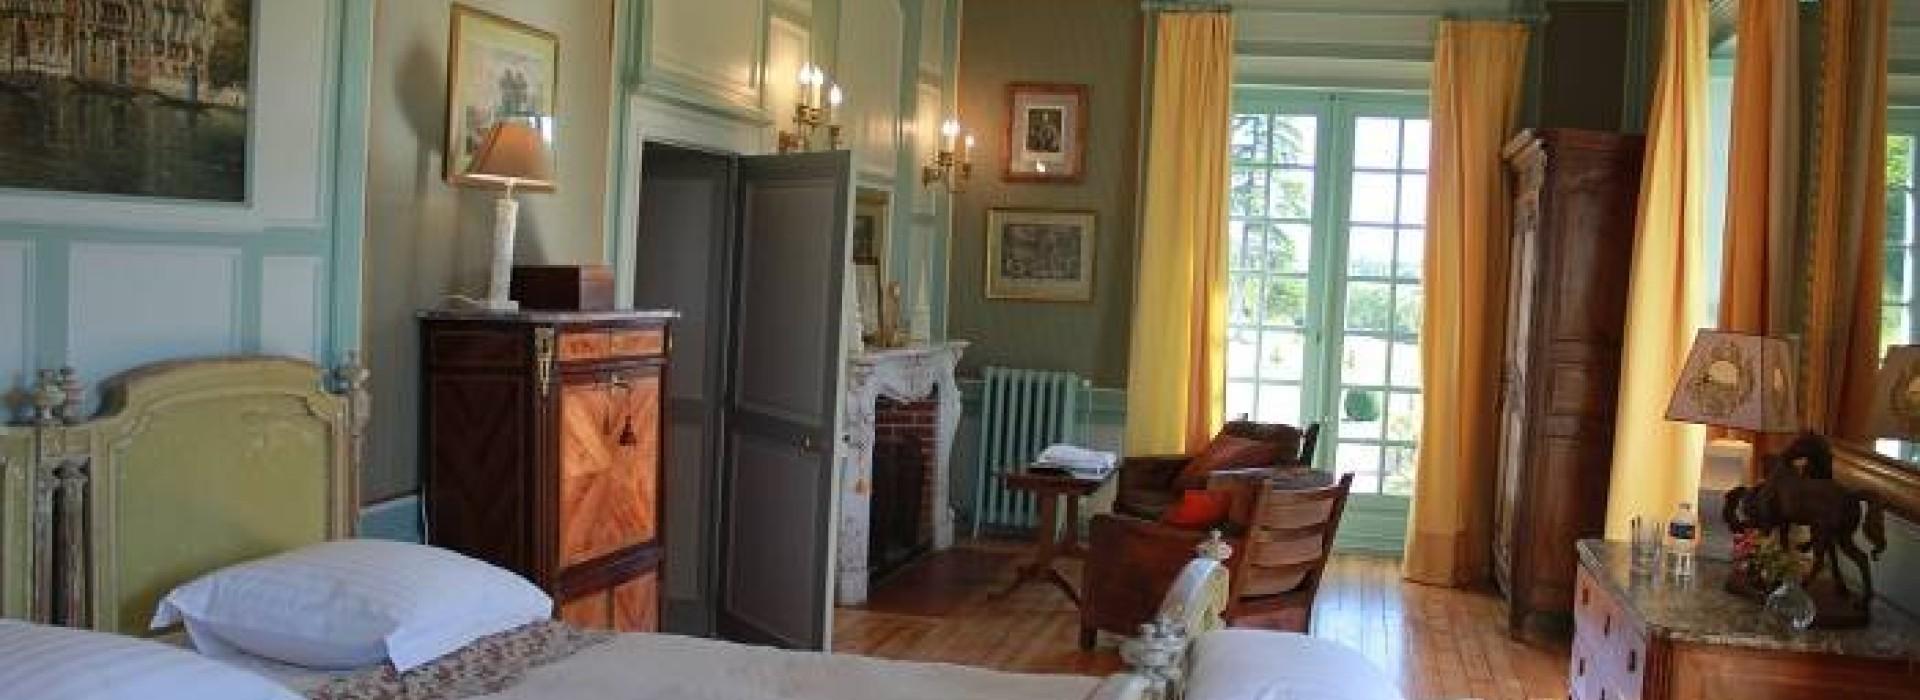 Chambres d 39 hotes au chateau d 39 hodebert chambres d 39 h tes en pays de la loire - Chambres d hotes chateau d olonne ...